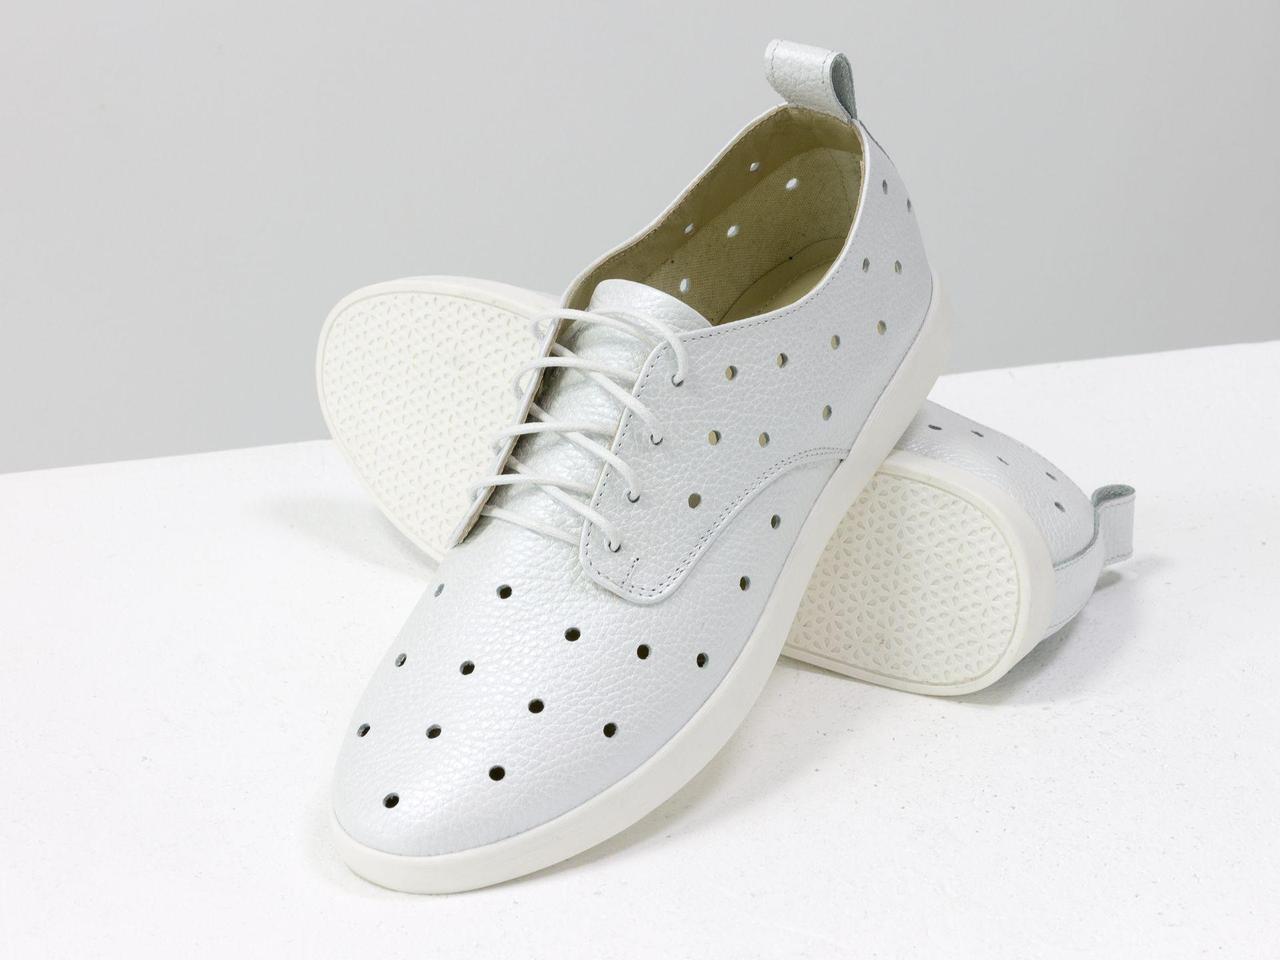 Легкие туфли из натуральной кожи белого цвета с перфорацией по всей поверхности, 36-41